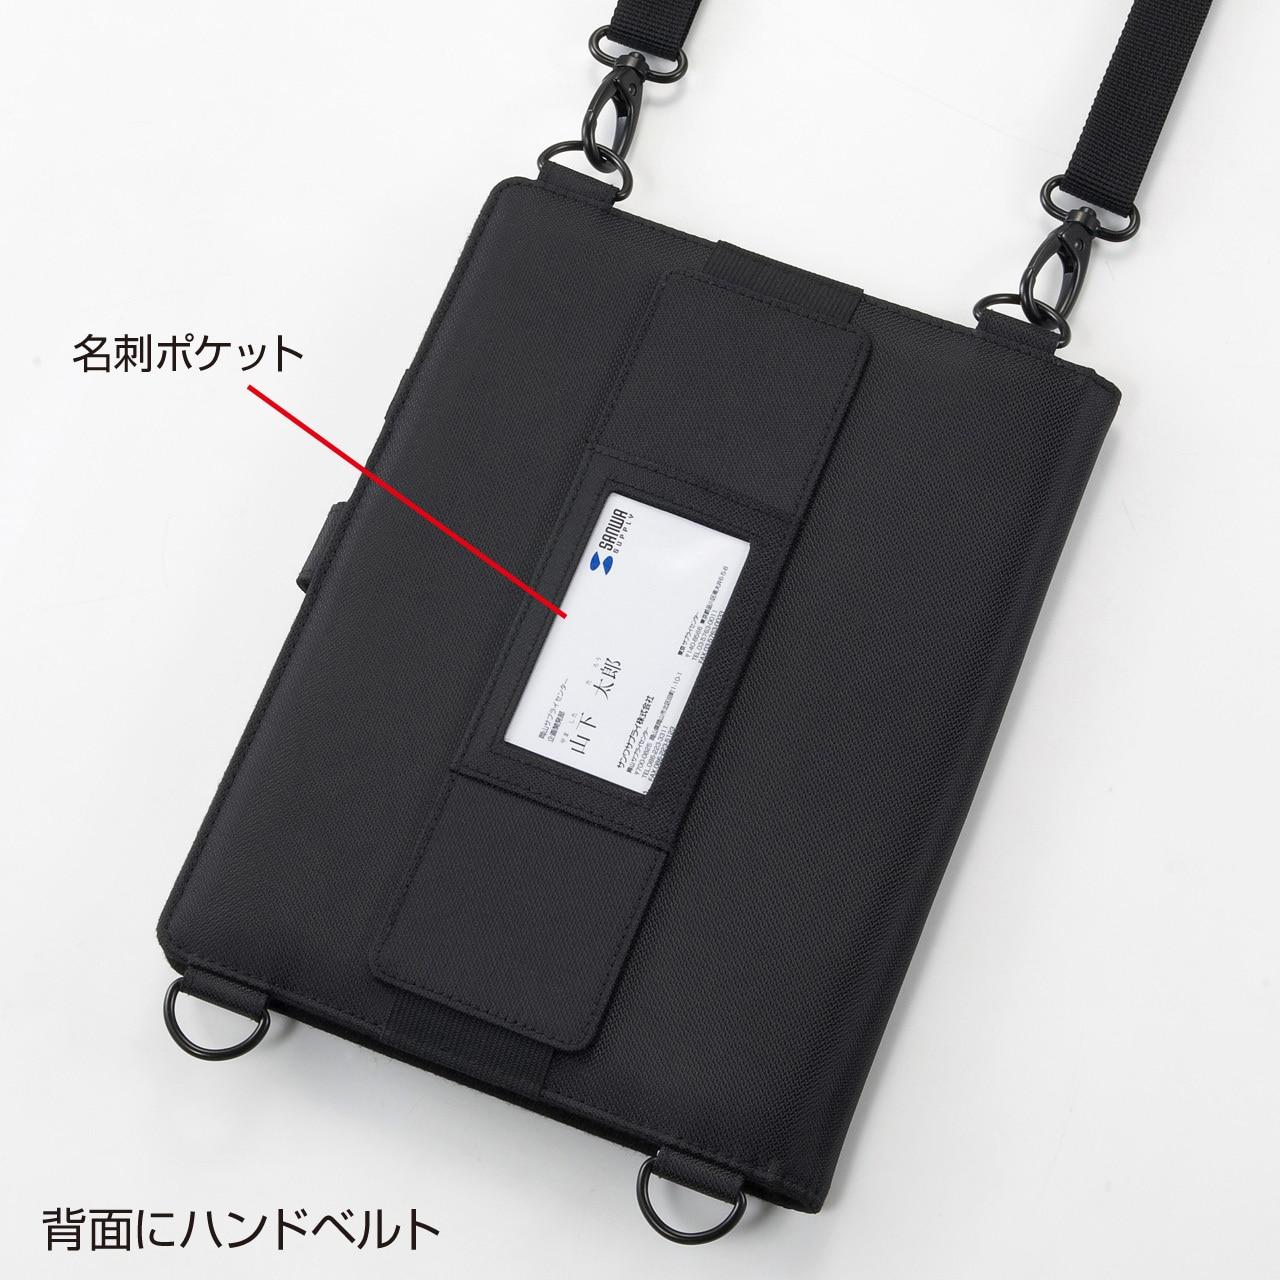 317a321775 PDA-TAB4 ショルダーベルト付き10.1型タブレットPCケース 1個 ...